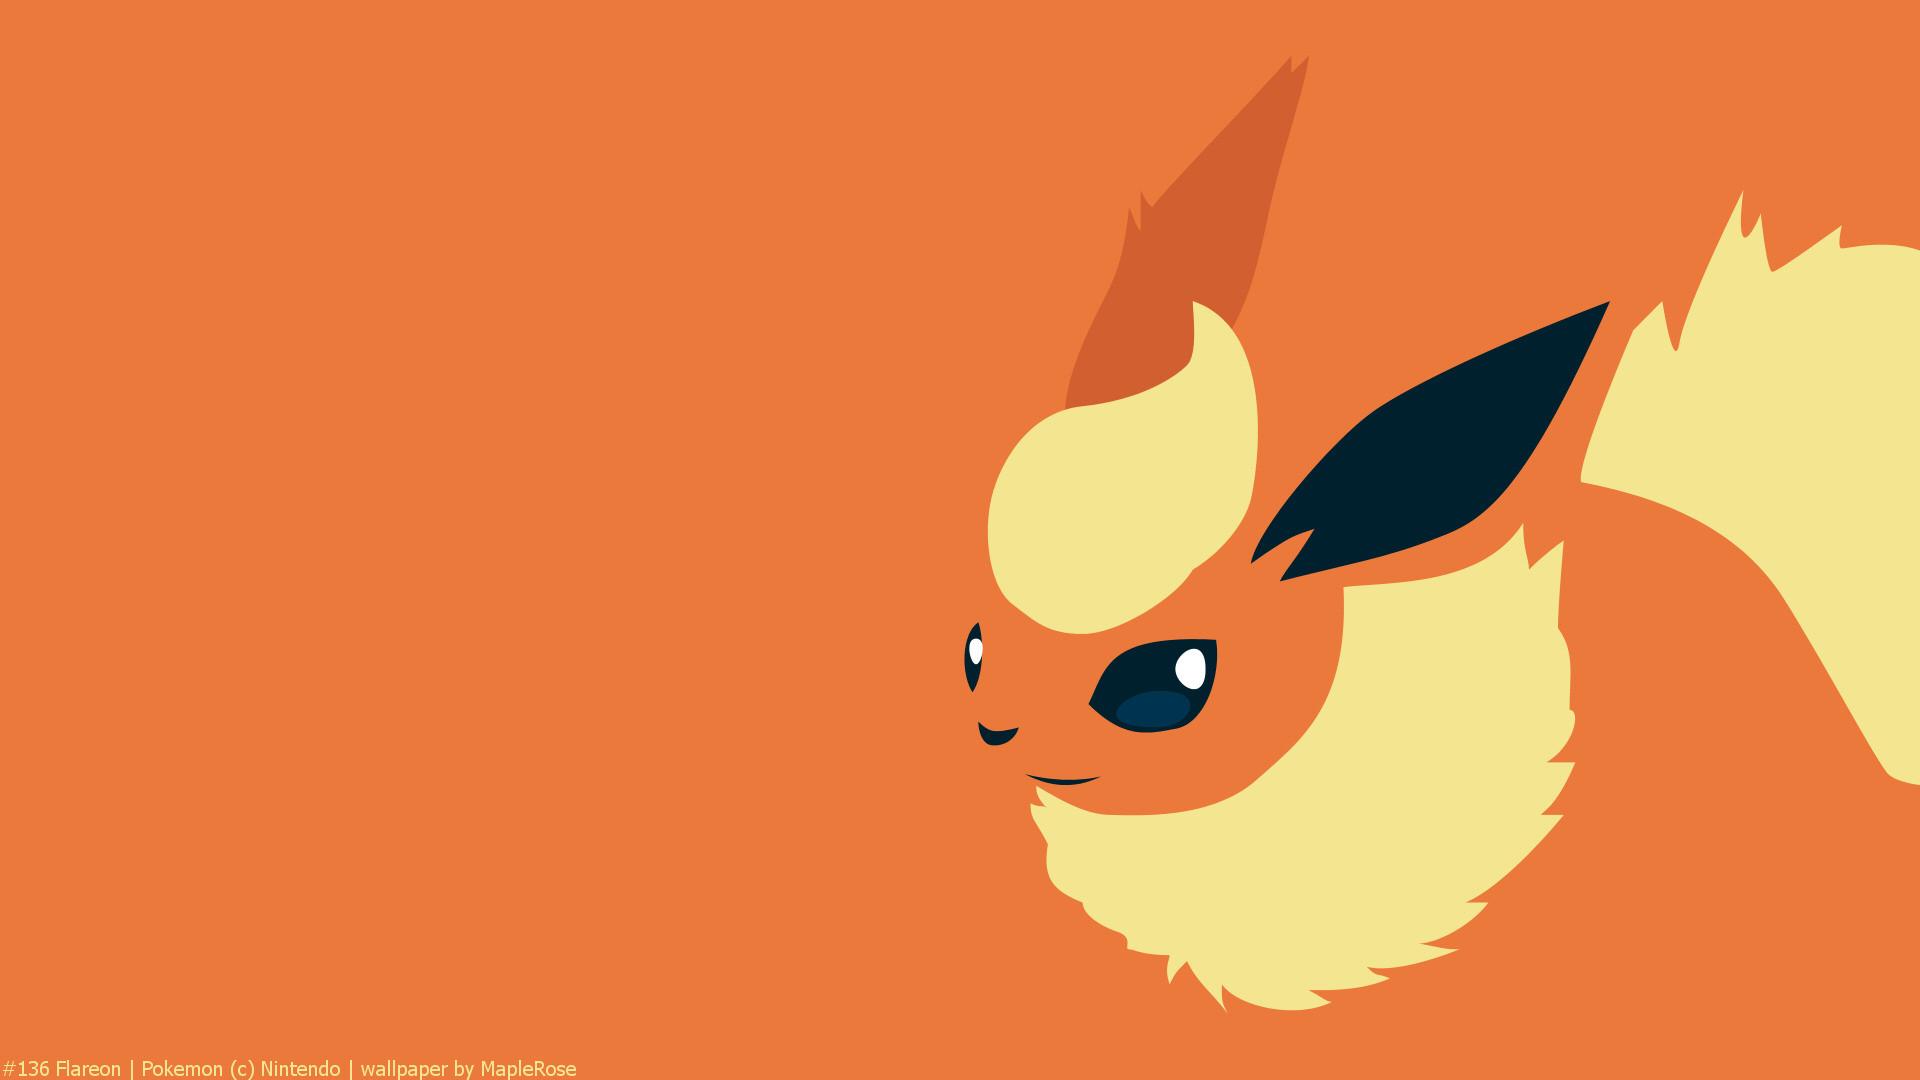 Cute Pokemon Eevee Wallpaper Pokemon Eevee Wallpaper 71 Images